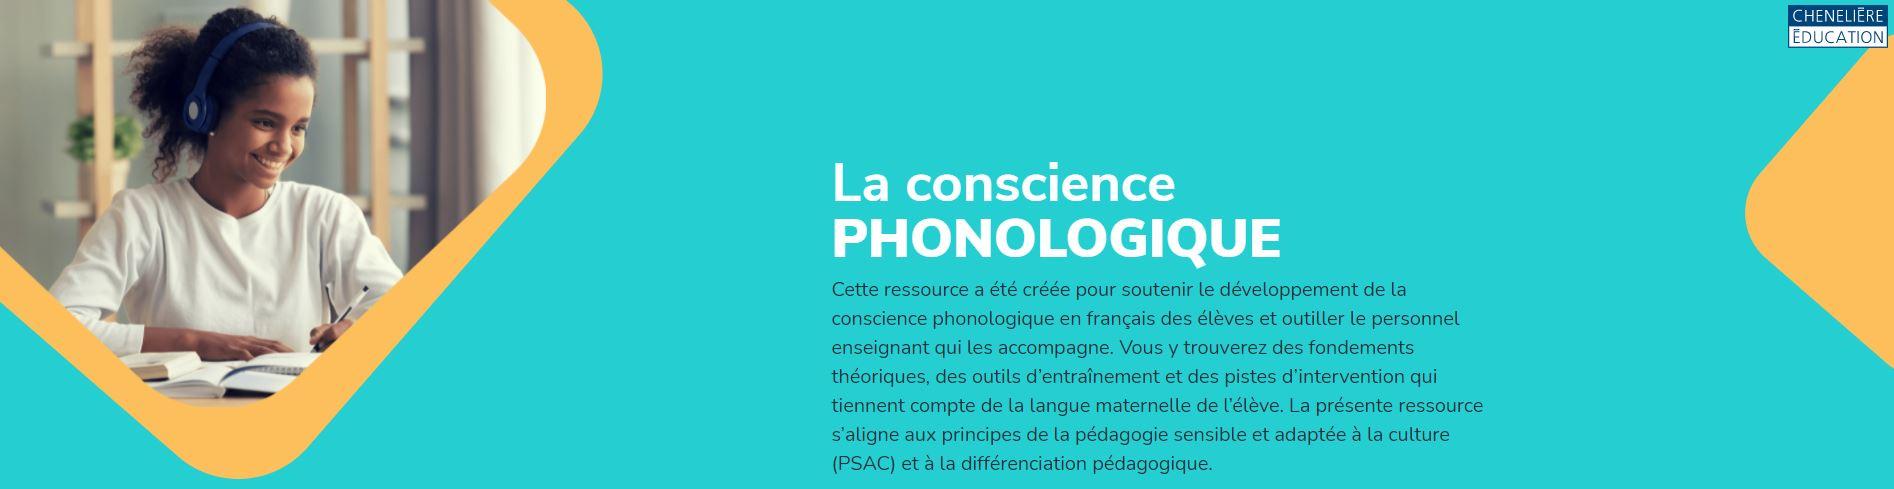 La conscience phonologique - Ressource pour les élèves